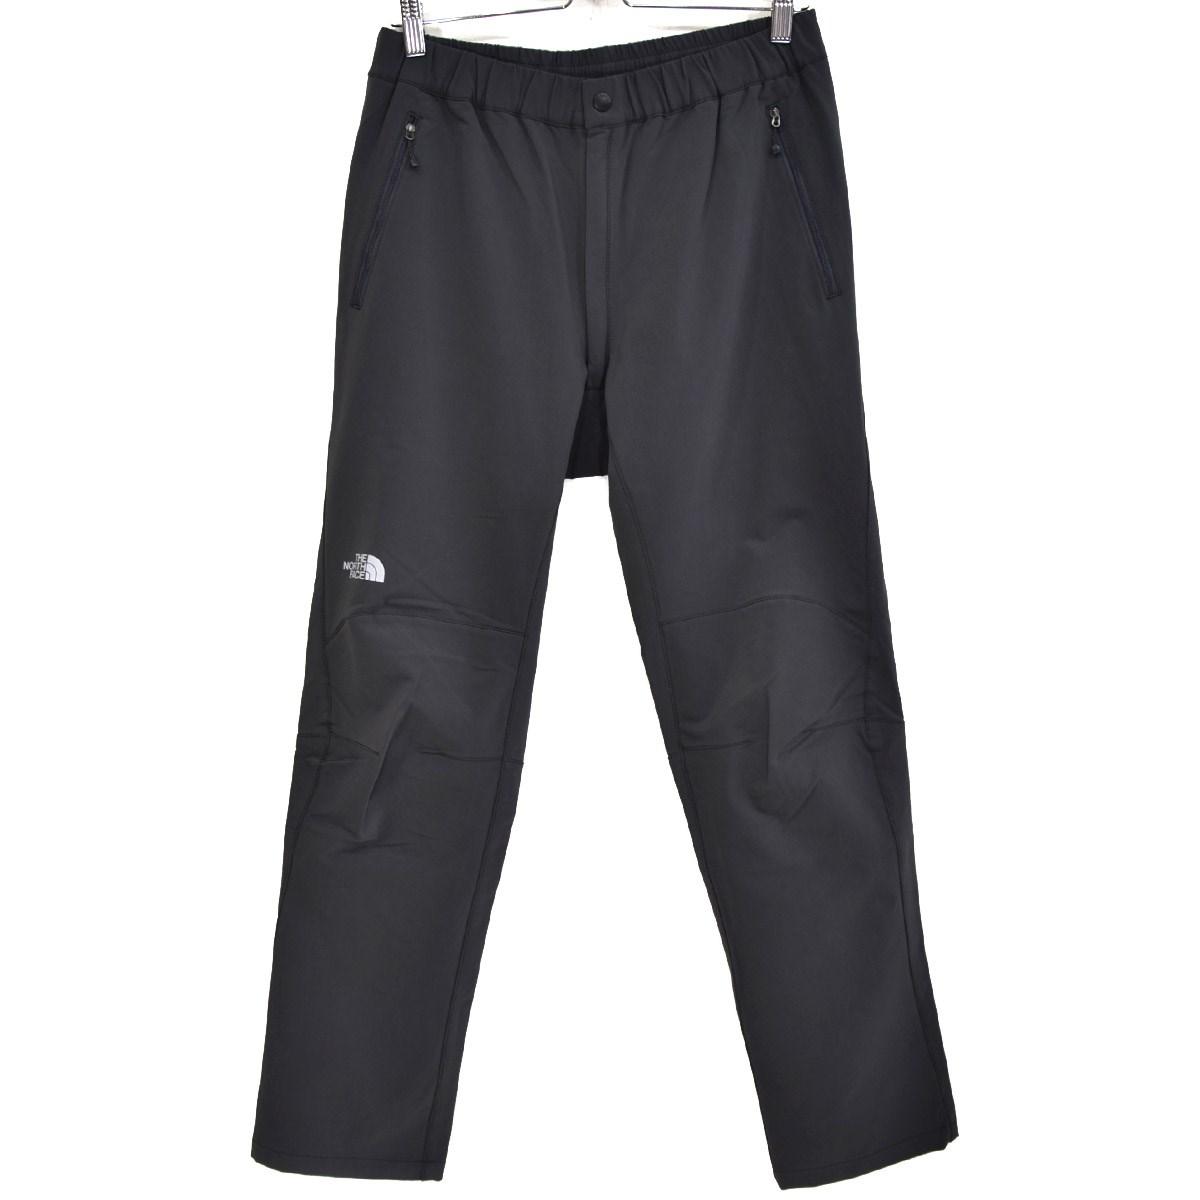 【中古】THE NORTH FACE Alpine Light pants アルパインライトパンツ NT52927 グレー サイズ:L 【100420】(ザノースフェイス)